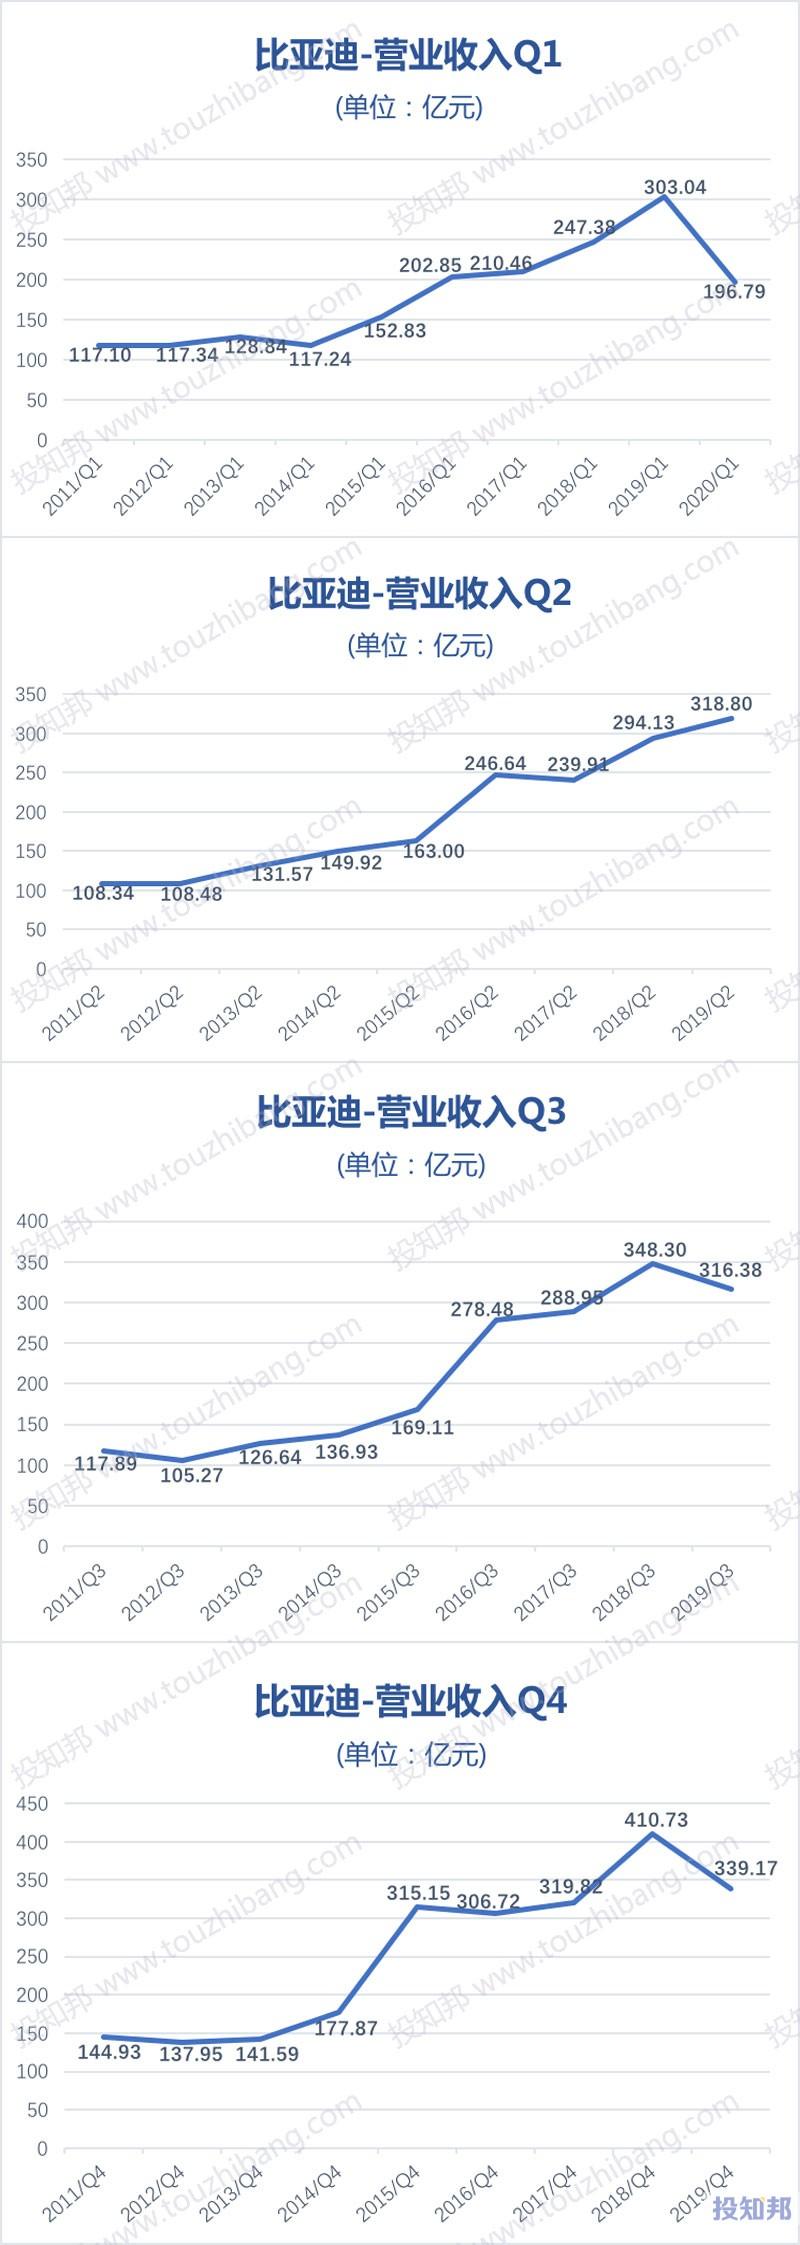 比亚迪(002594)财报数据图示(2011年~2020年Q1,更新)